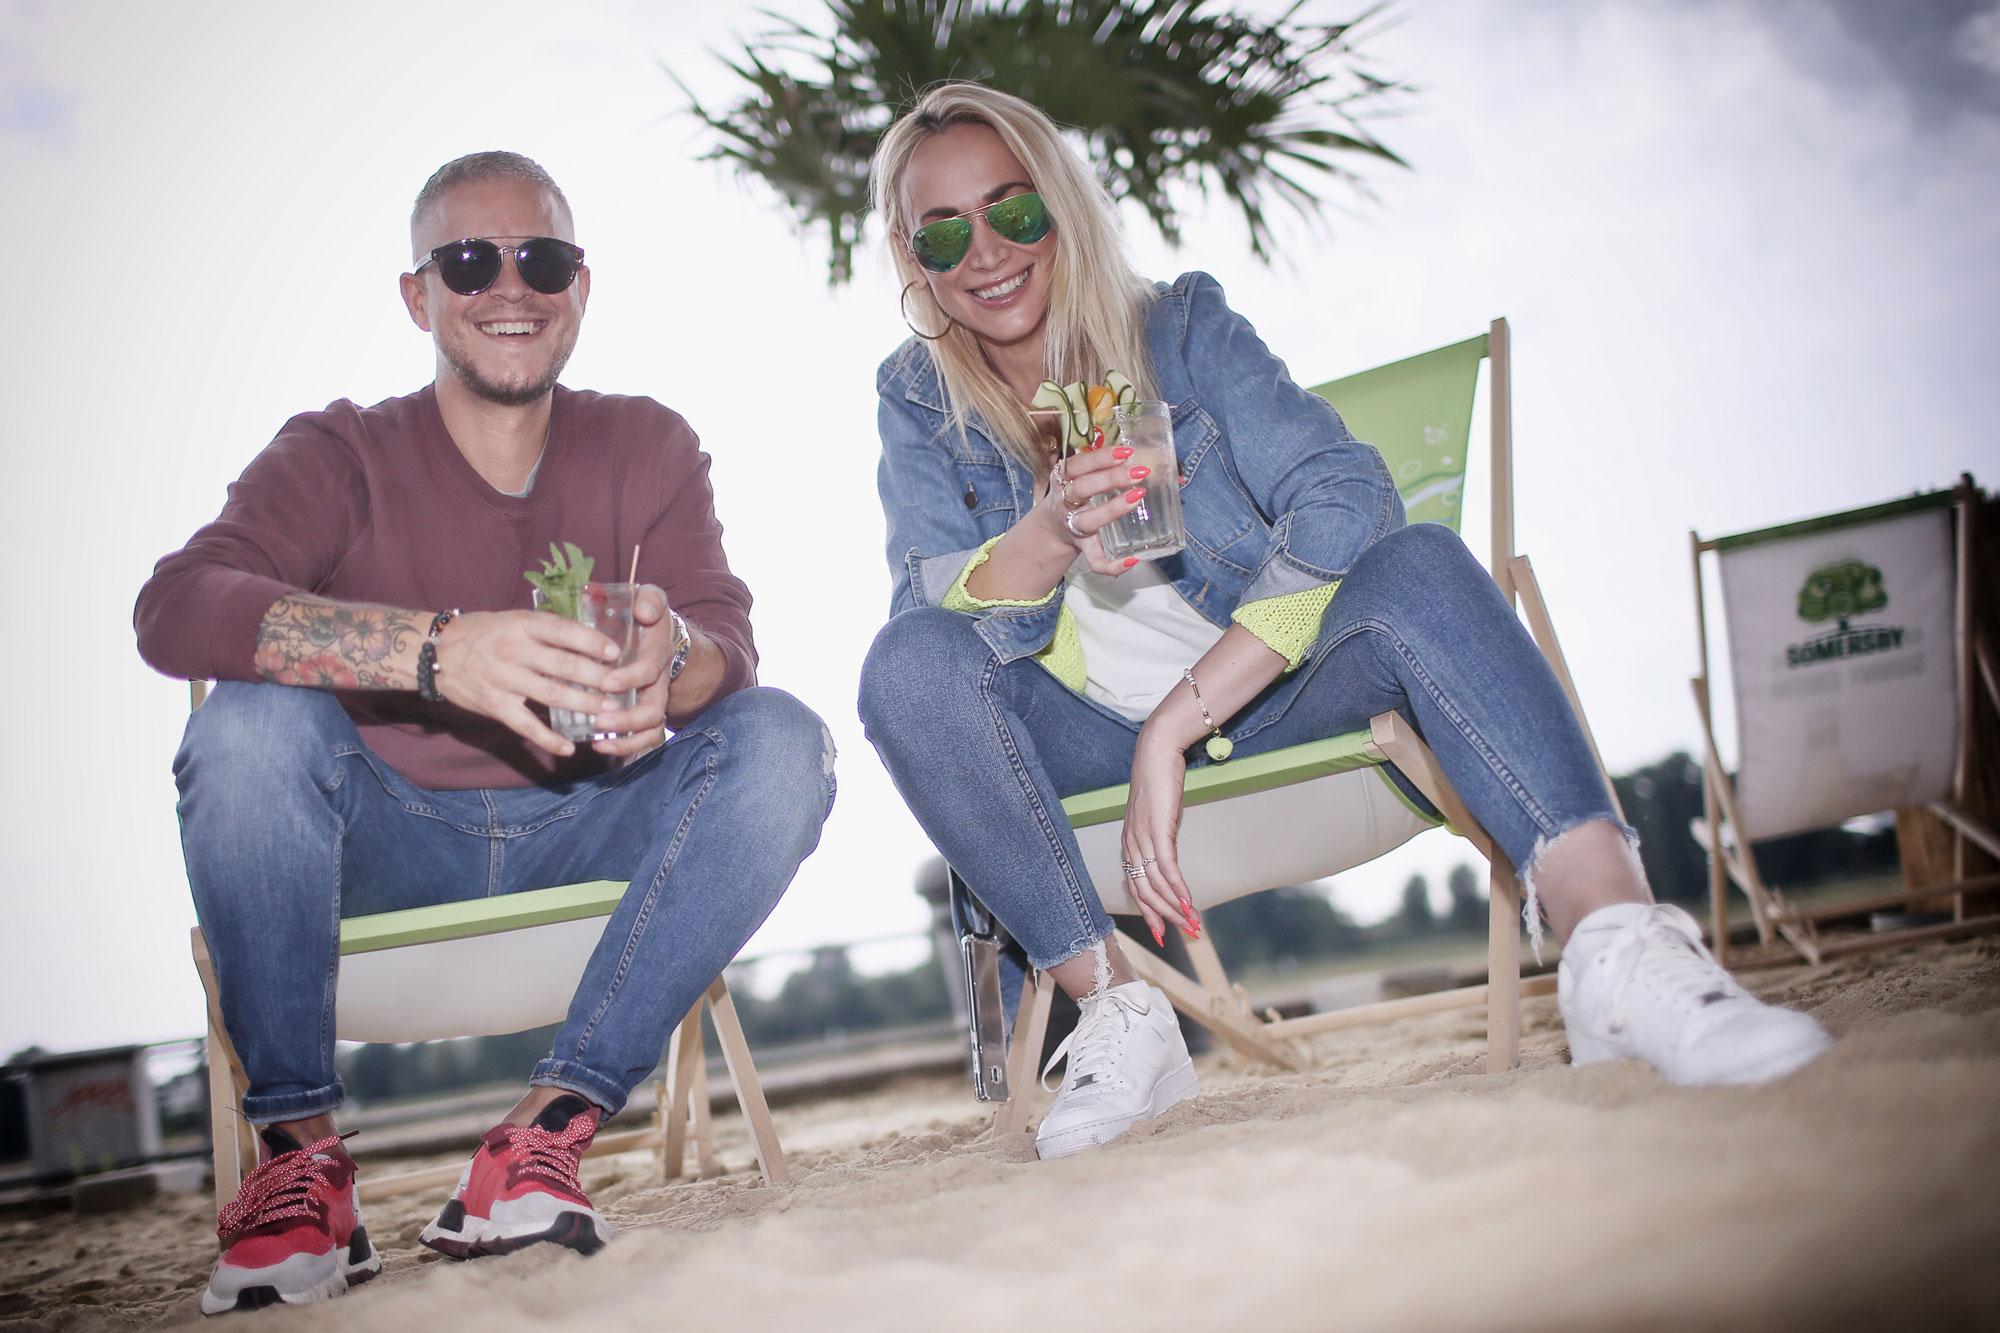 Daniel Hall und Ramona Nerra freuen sich auf ihren Auftritt im Beachclub (Foto: Anke Hesse/ D.LIVE)